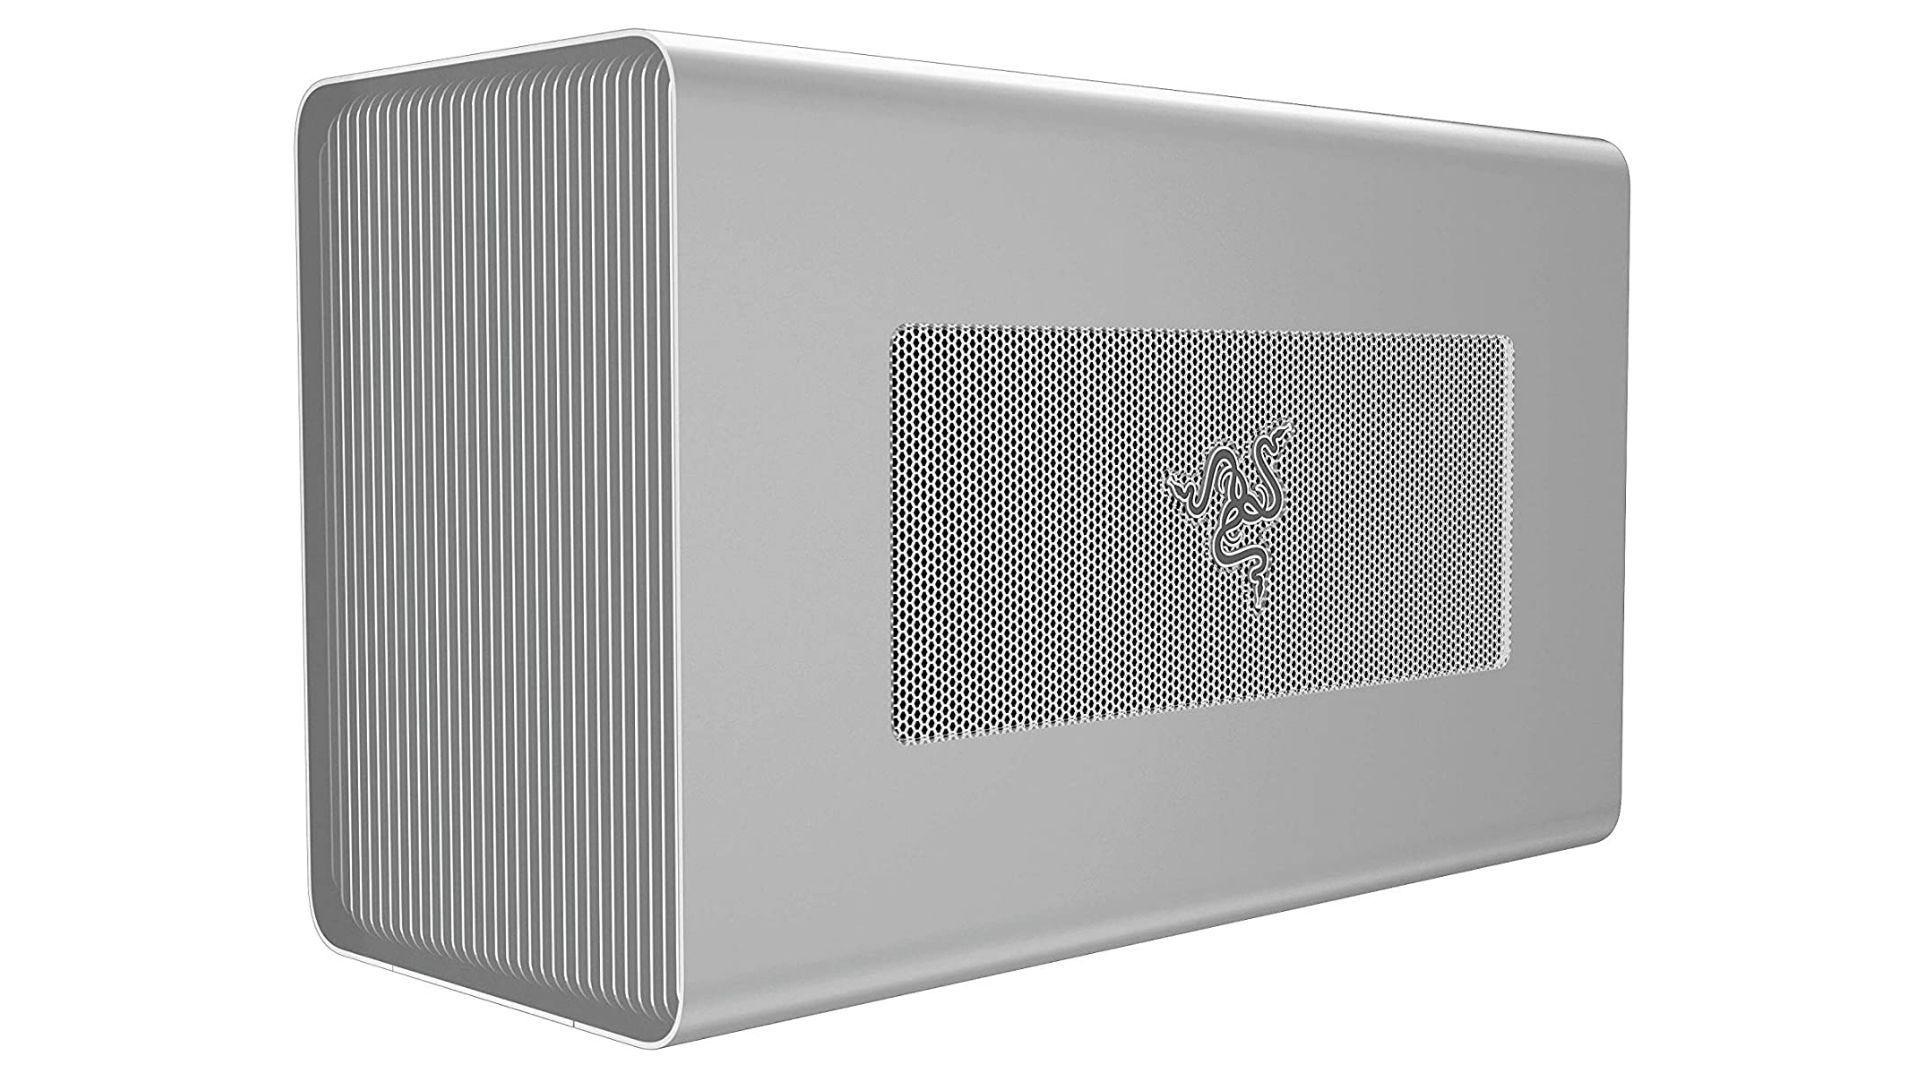 وحدة معالجة الرسوميات الخارجية للكمبيوتر المحمول ريزر